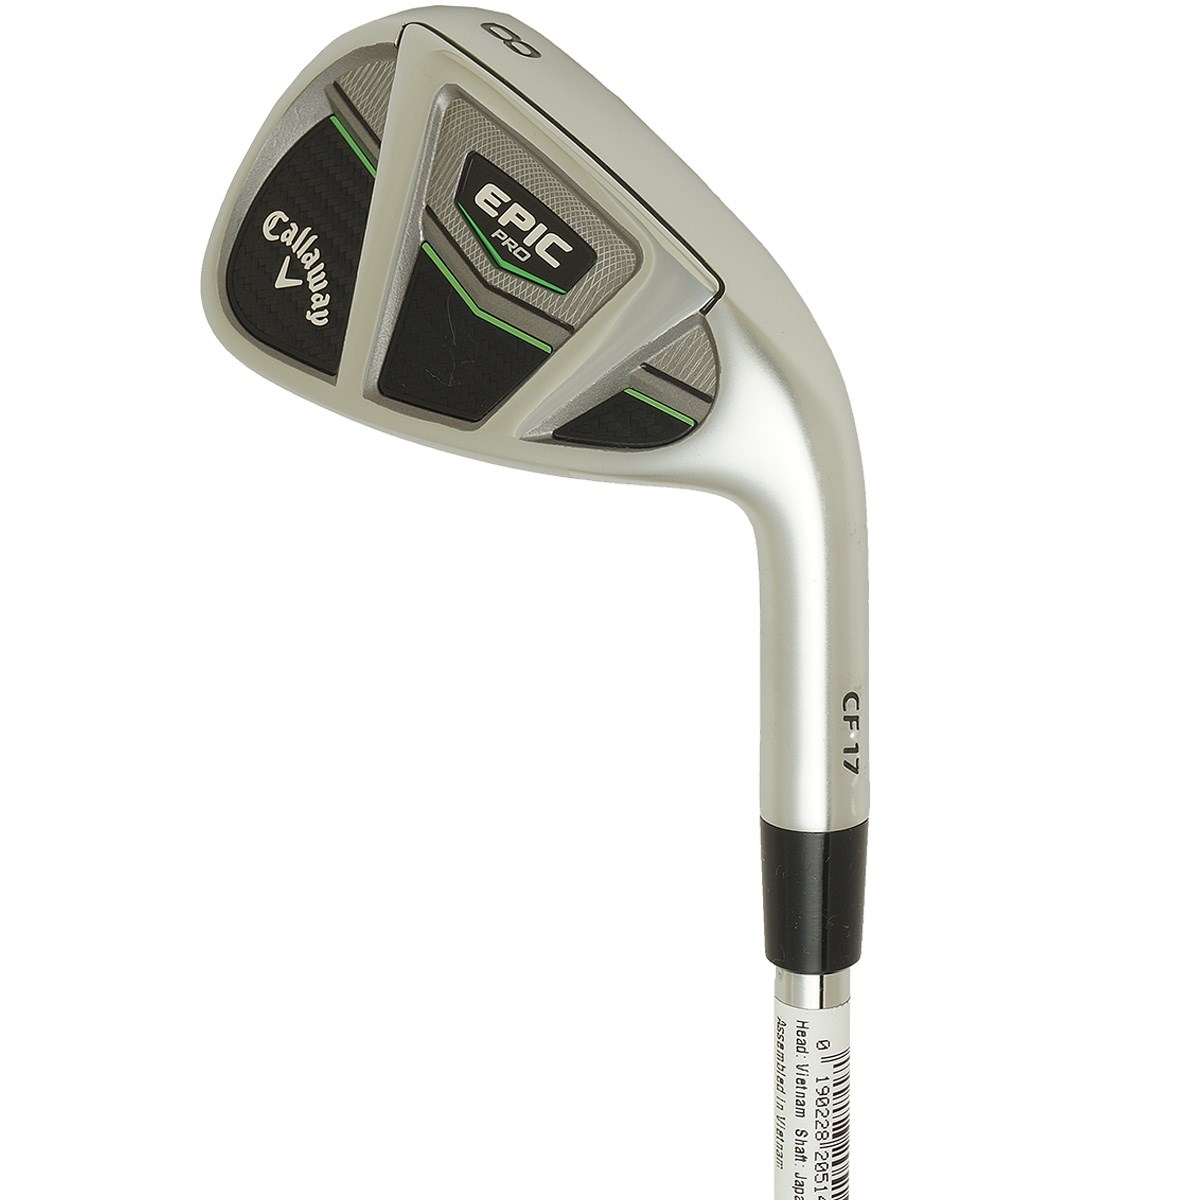 キャロウェイゴルフ(Callaway Golf) GBB EPIC PRO アイアン(6本セット) N.S.PRO MODUS3 TOUR 120